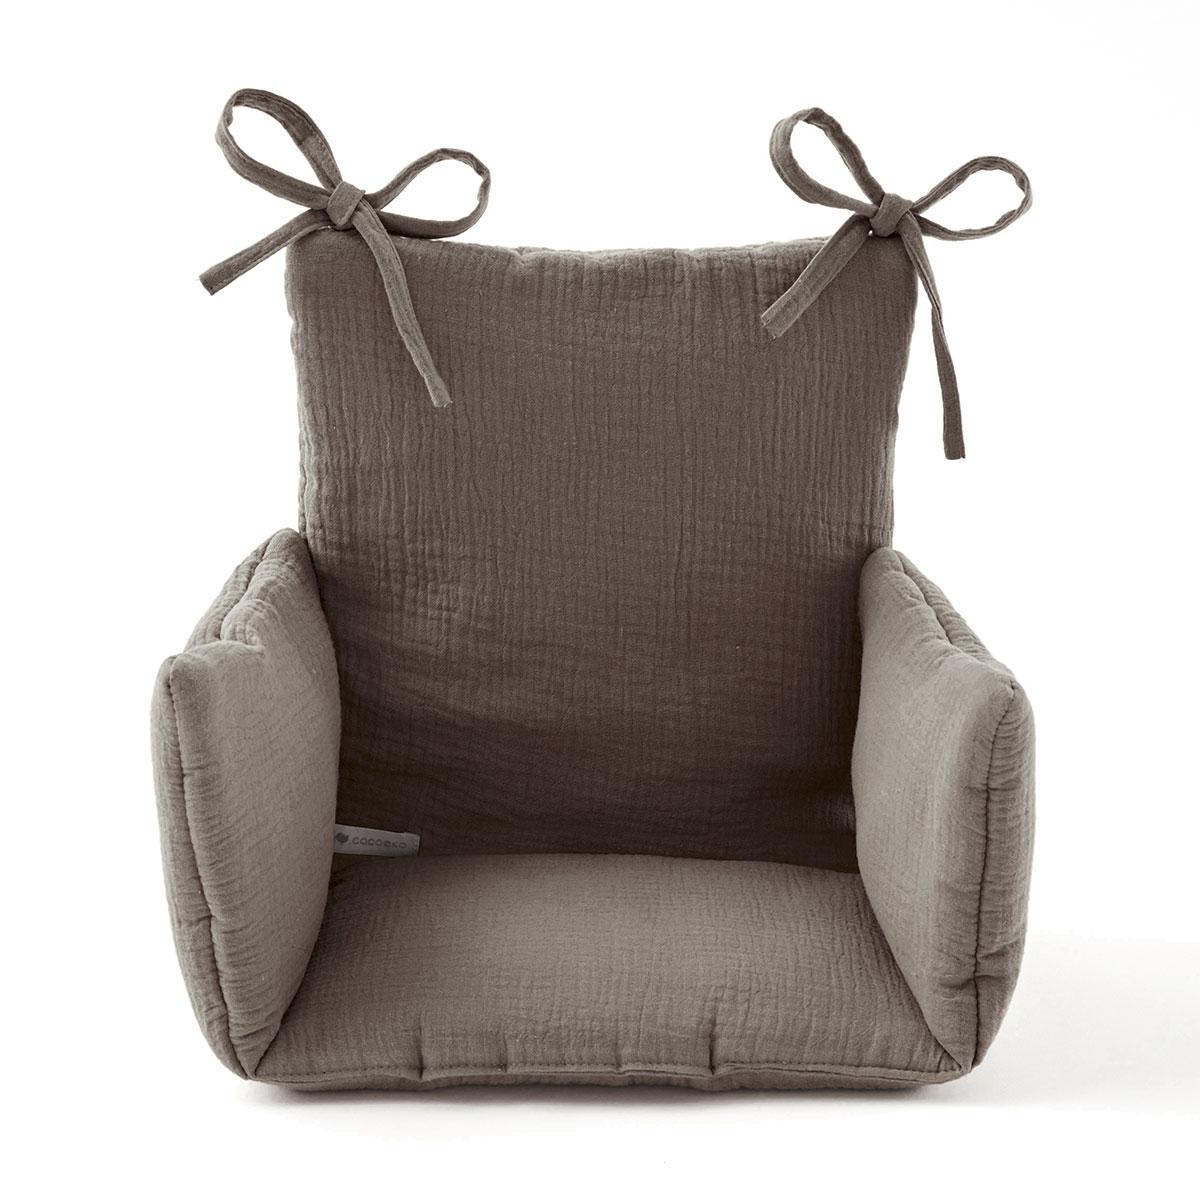 Coussin chaise haute en gaze de coton taupe